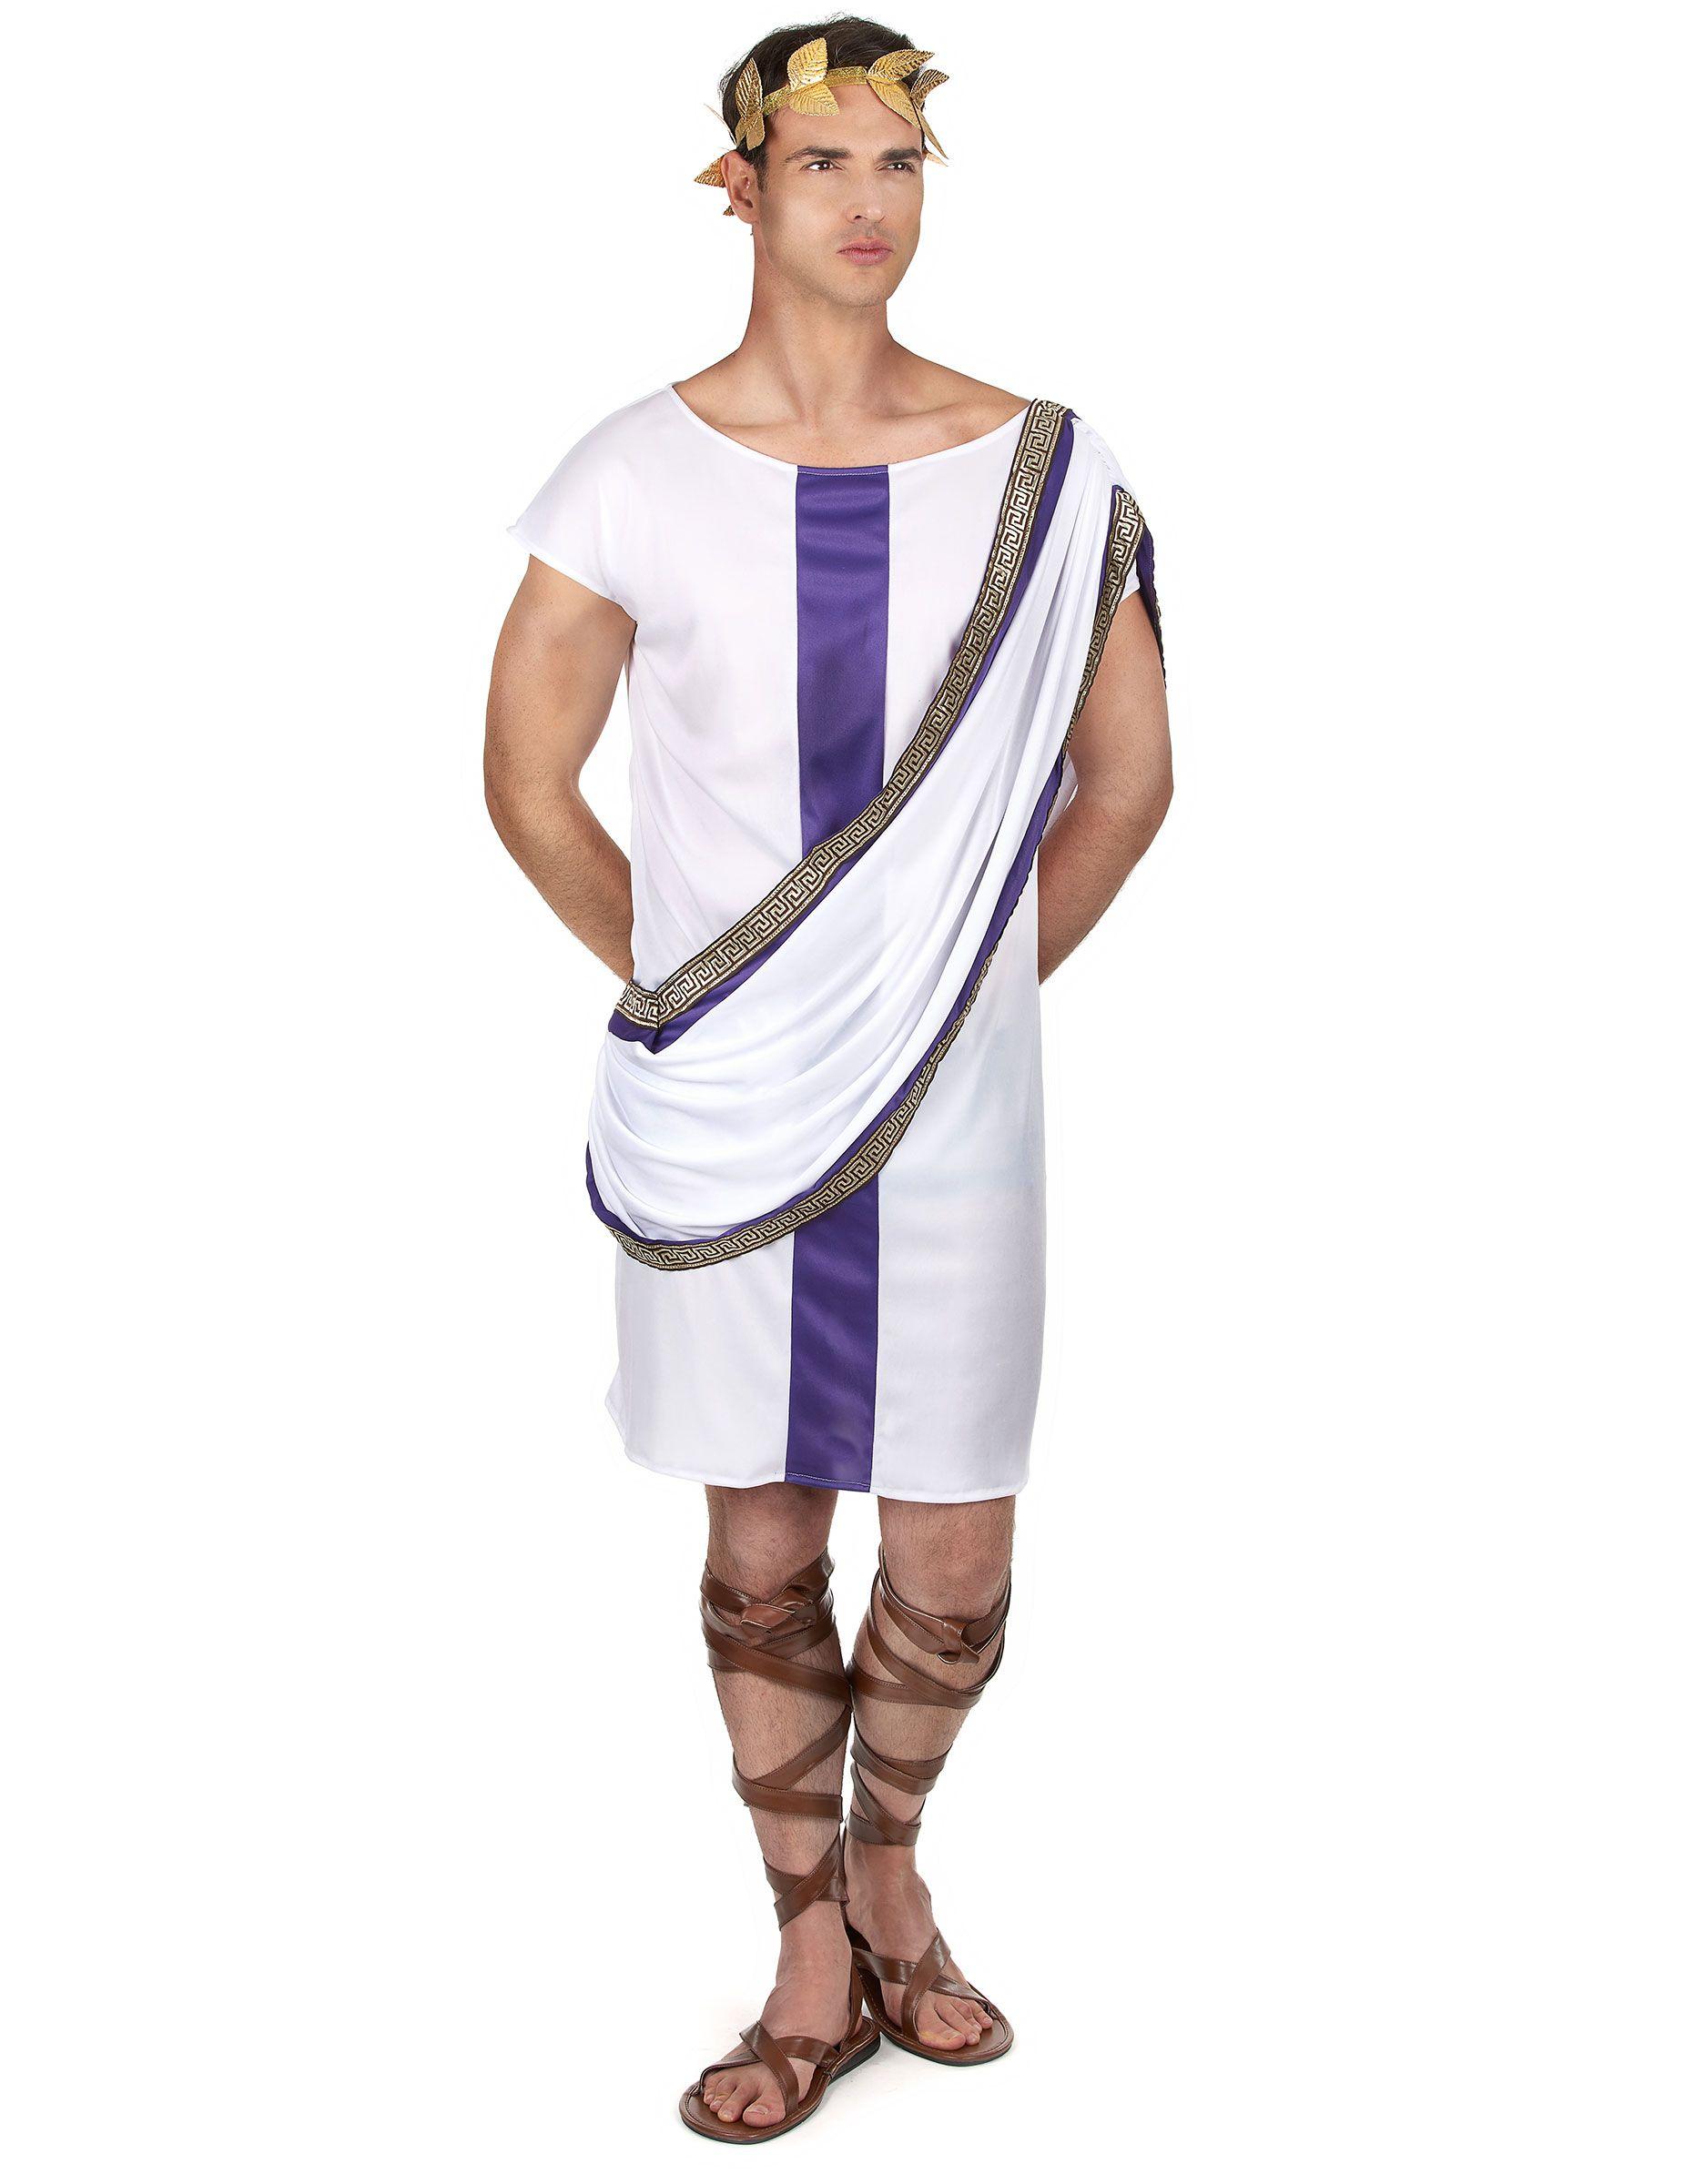 89a43d9d07bf4 Disfraz romano hombre  Este disfraz de romano para hombre incluye túnica y  diadema (zapatos no incluidos).La túnica es blanca con una banda satinada  violeta ...